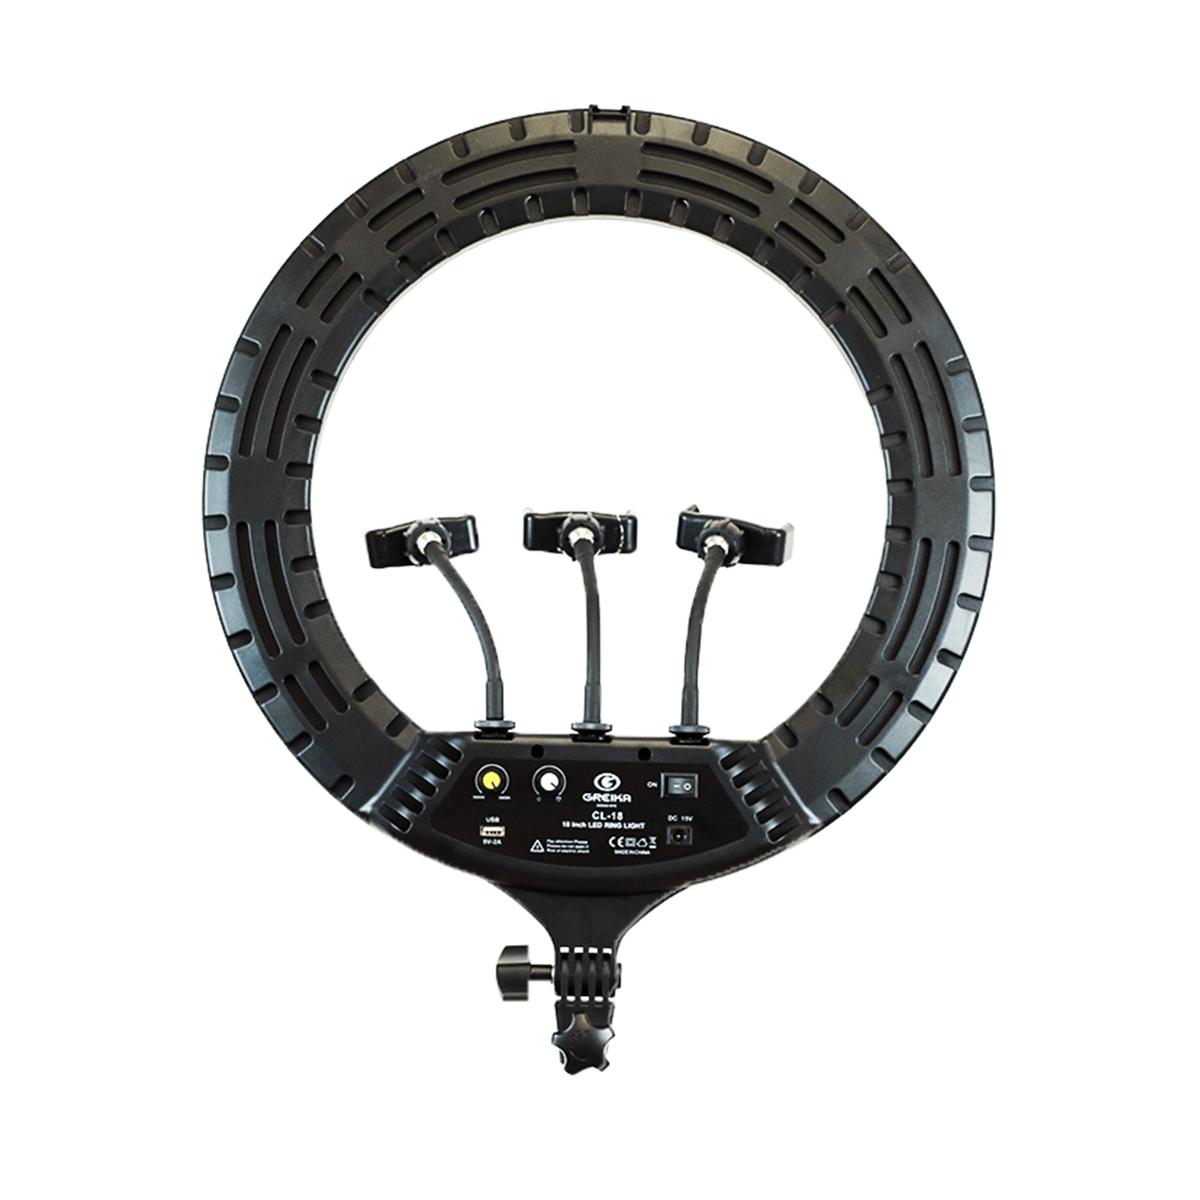 Ring Light 48w Iluminador de LED CL-18 45cm com 3 Suporte para Celular (sem tripé)  - Fotolux